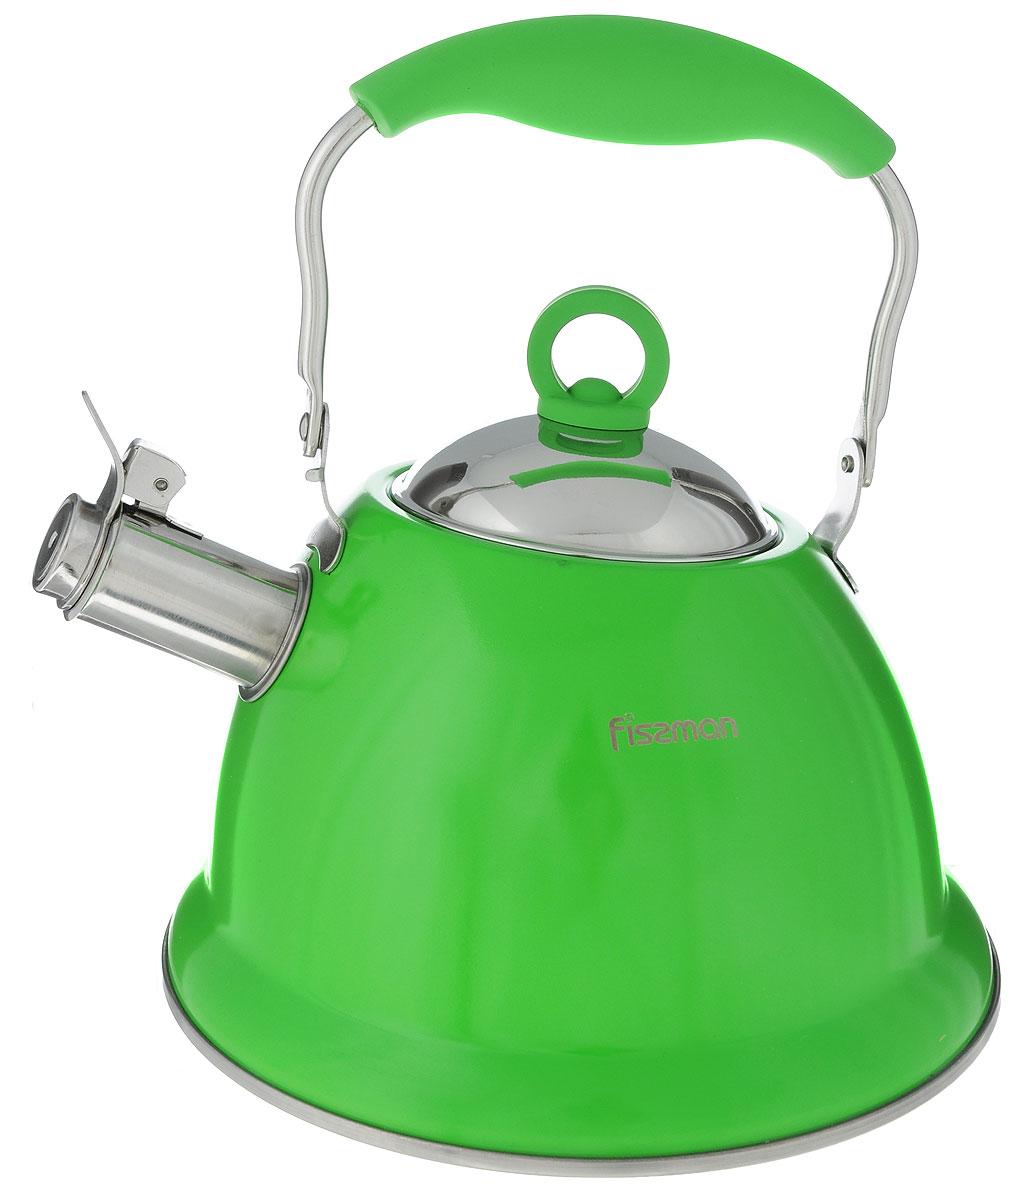 Чайник Fissman Florence, со свистком, цвет: зеленый, 2,6 лKT-5930.2.6_зеленыйЧайник Fissman Florence изготовлен из высококачественной нержавеющей стали 18/10. Нержавеющая сталь обладает высокой устойчивостью к коррозии, не вступает в реакцию с холодными и горячими продуктами и полностью сохраняет их вкусовые качества. Особая конструкция капсулированного дна способствует высокой теплопроводности и равномерному распределению тепла. Чайник оснащен удобной ручкой с силиконовым покрытием. Носик чайника имеет откидной свисток, звуковой сигнал которого подскажет, когда закипит вода.Благодаря чайнику Fissman Florence, вы будете постоянно ощущать тепло и уют на вашей кухне.Подходит длягазовых, электрических, стеклокерамических, индукционных плит. Можно мыть в посудомоечной машине. Диаметр чайника (по верхнему краю): 9,5 см. Высота чайника (без учета крышки и ручки): 13 см. Высота чайника (с учетом ручки): 25,5 см.